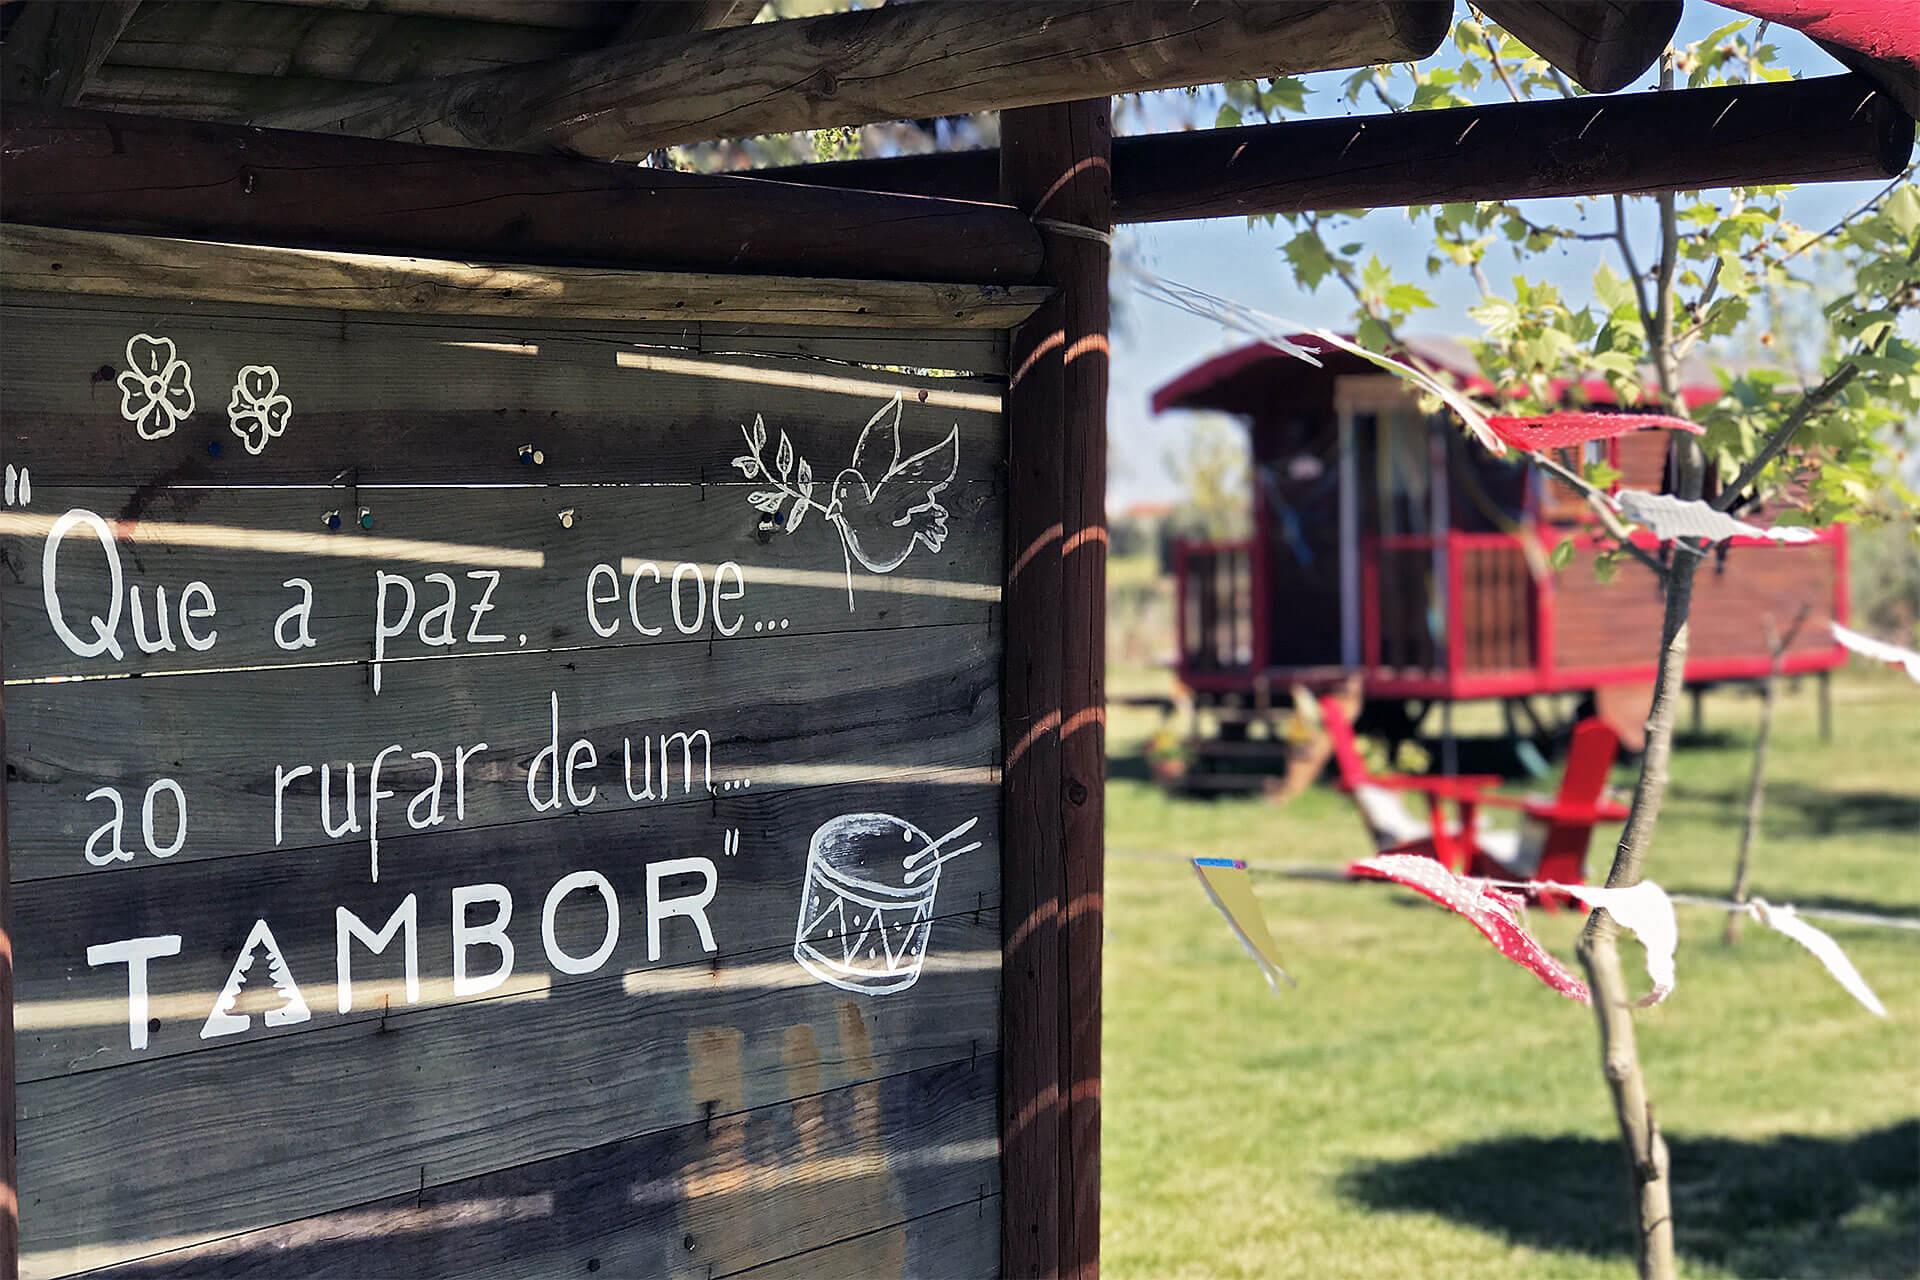 Pernoitar no Parque Rural do Tambor em família pode ser feito a bordo caravanas ciganas em madeira.